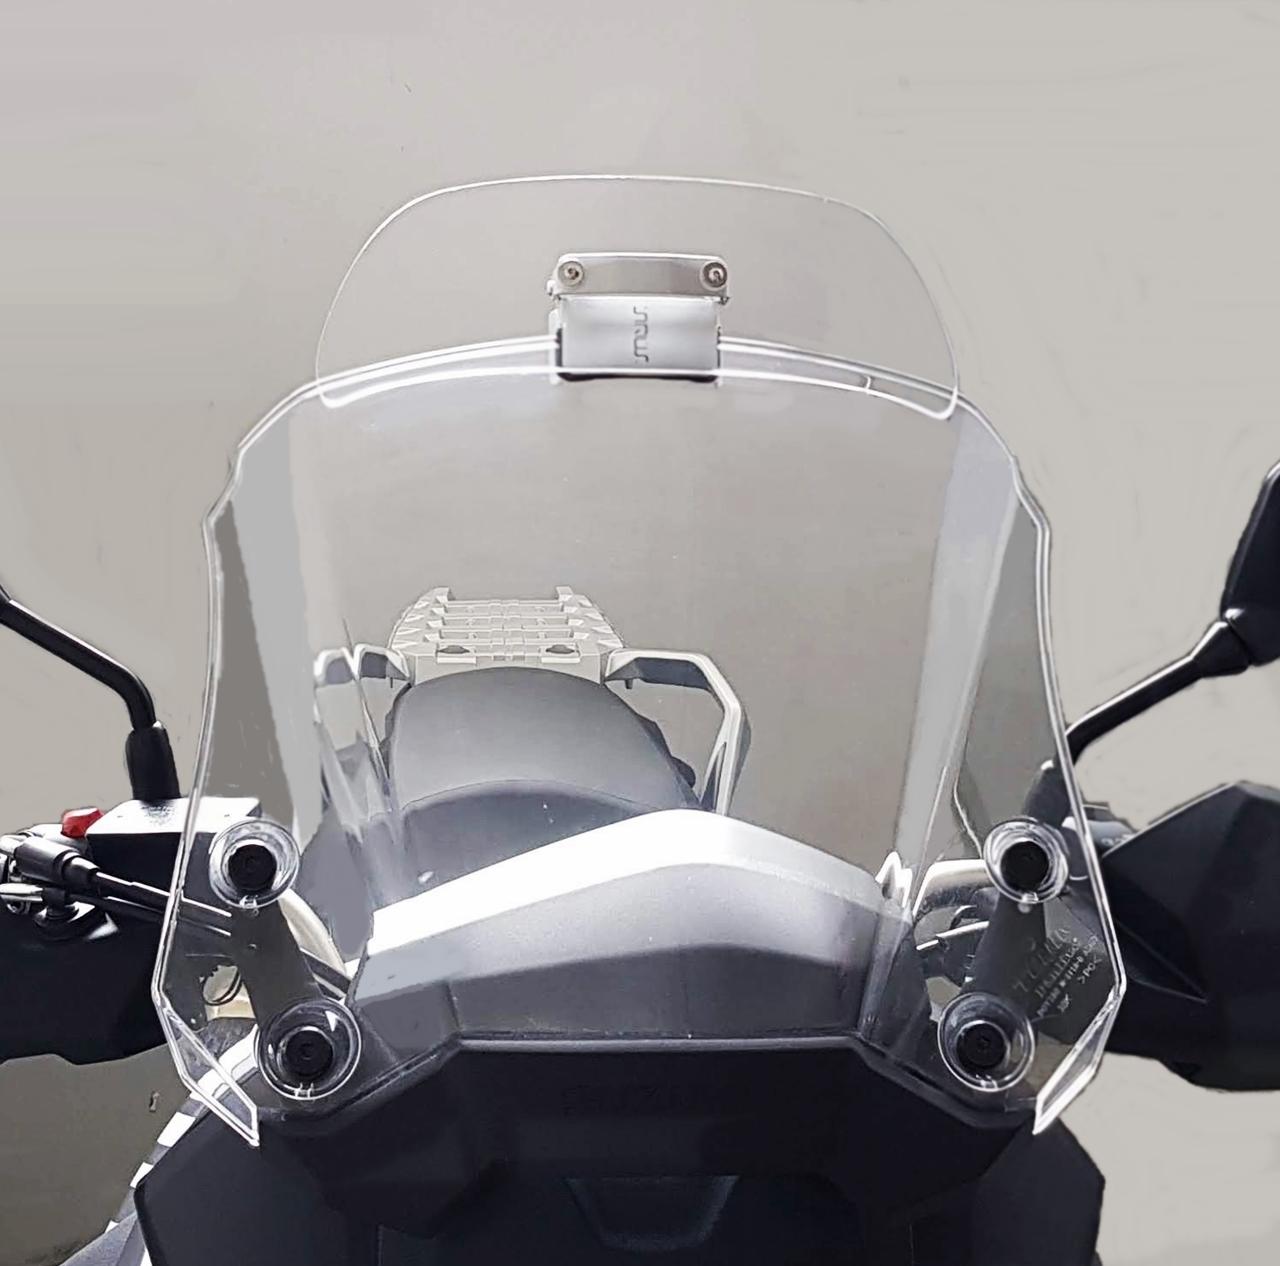 Suzuki Vstrom 650 XT 2019 f1